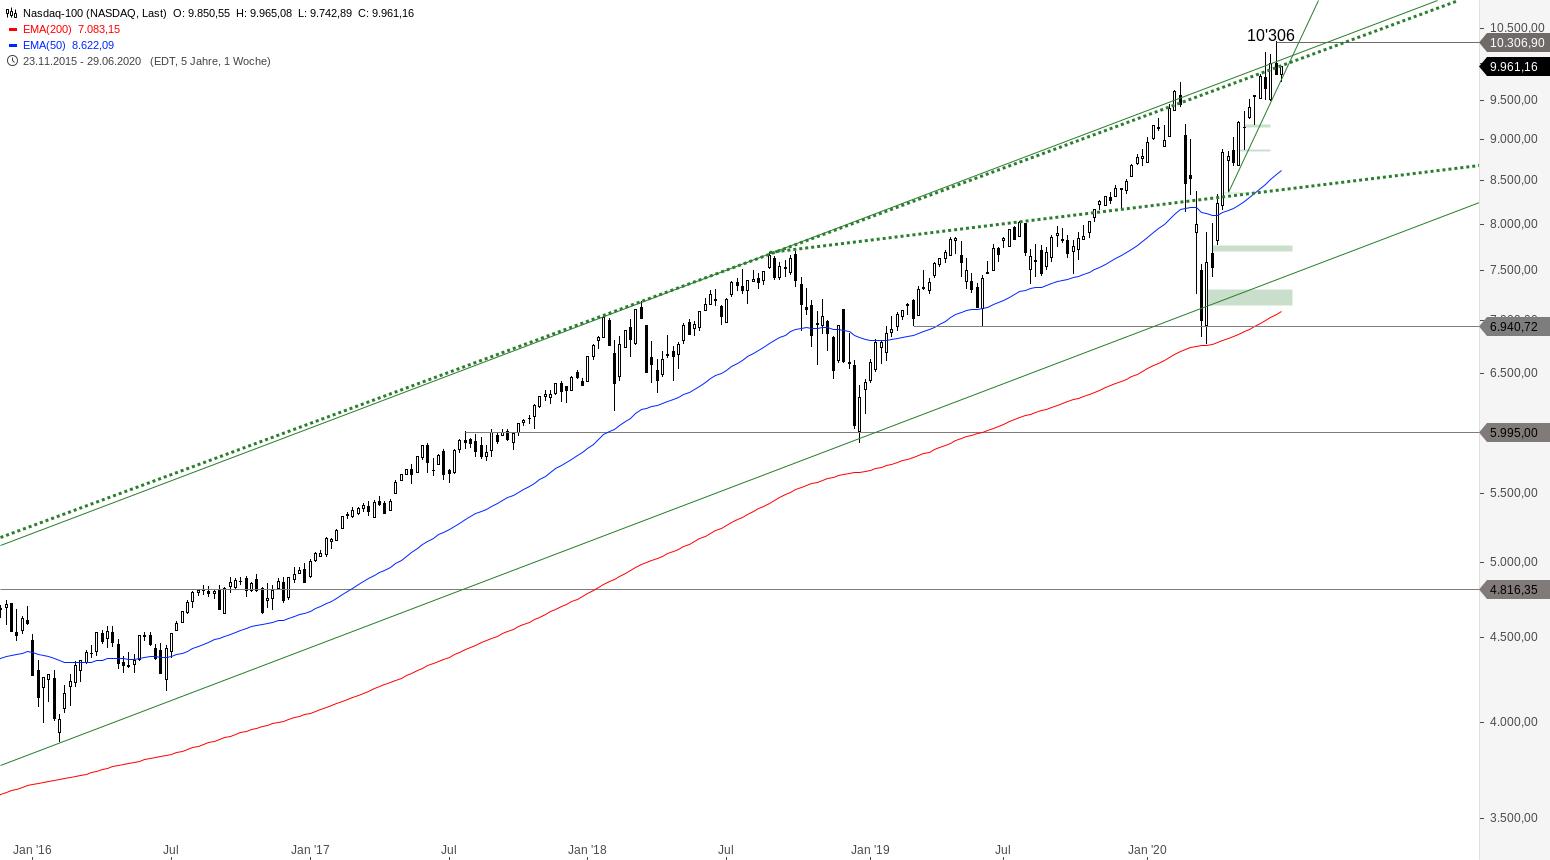 NASDAQ-100-Das-wird-wichtig-Chartanalyse-Alexander-Paulus-GodmodeTrader.de-2